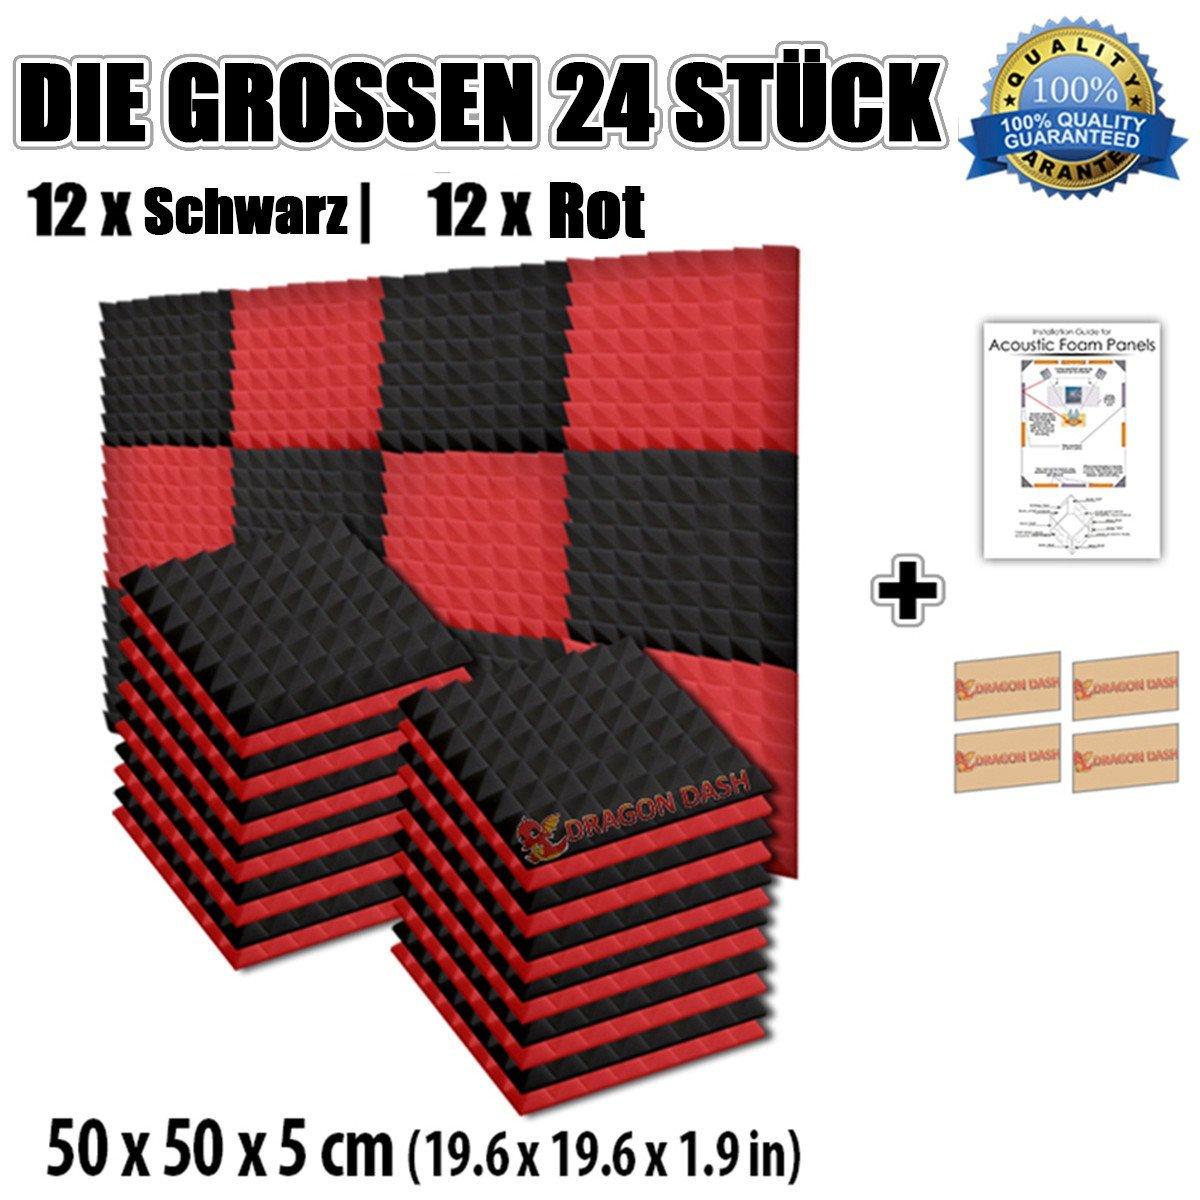 Super Dash Kombination (24 Pack) von 50 X 50 X 5 cm Rot & Schwarz Pyramide Akustikschaumstoff Noppenschaumstoff Akustik Dä mmmatte Schallisolierung Schaumstoff Polster Fliesen SD1034 (ROT & SCHWARZ)